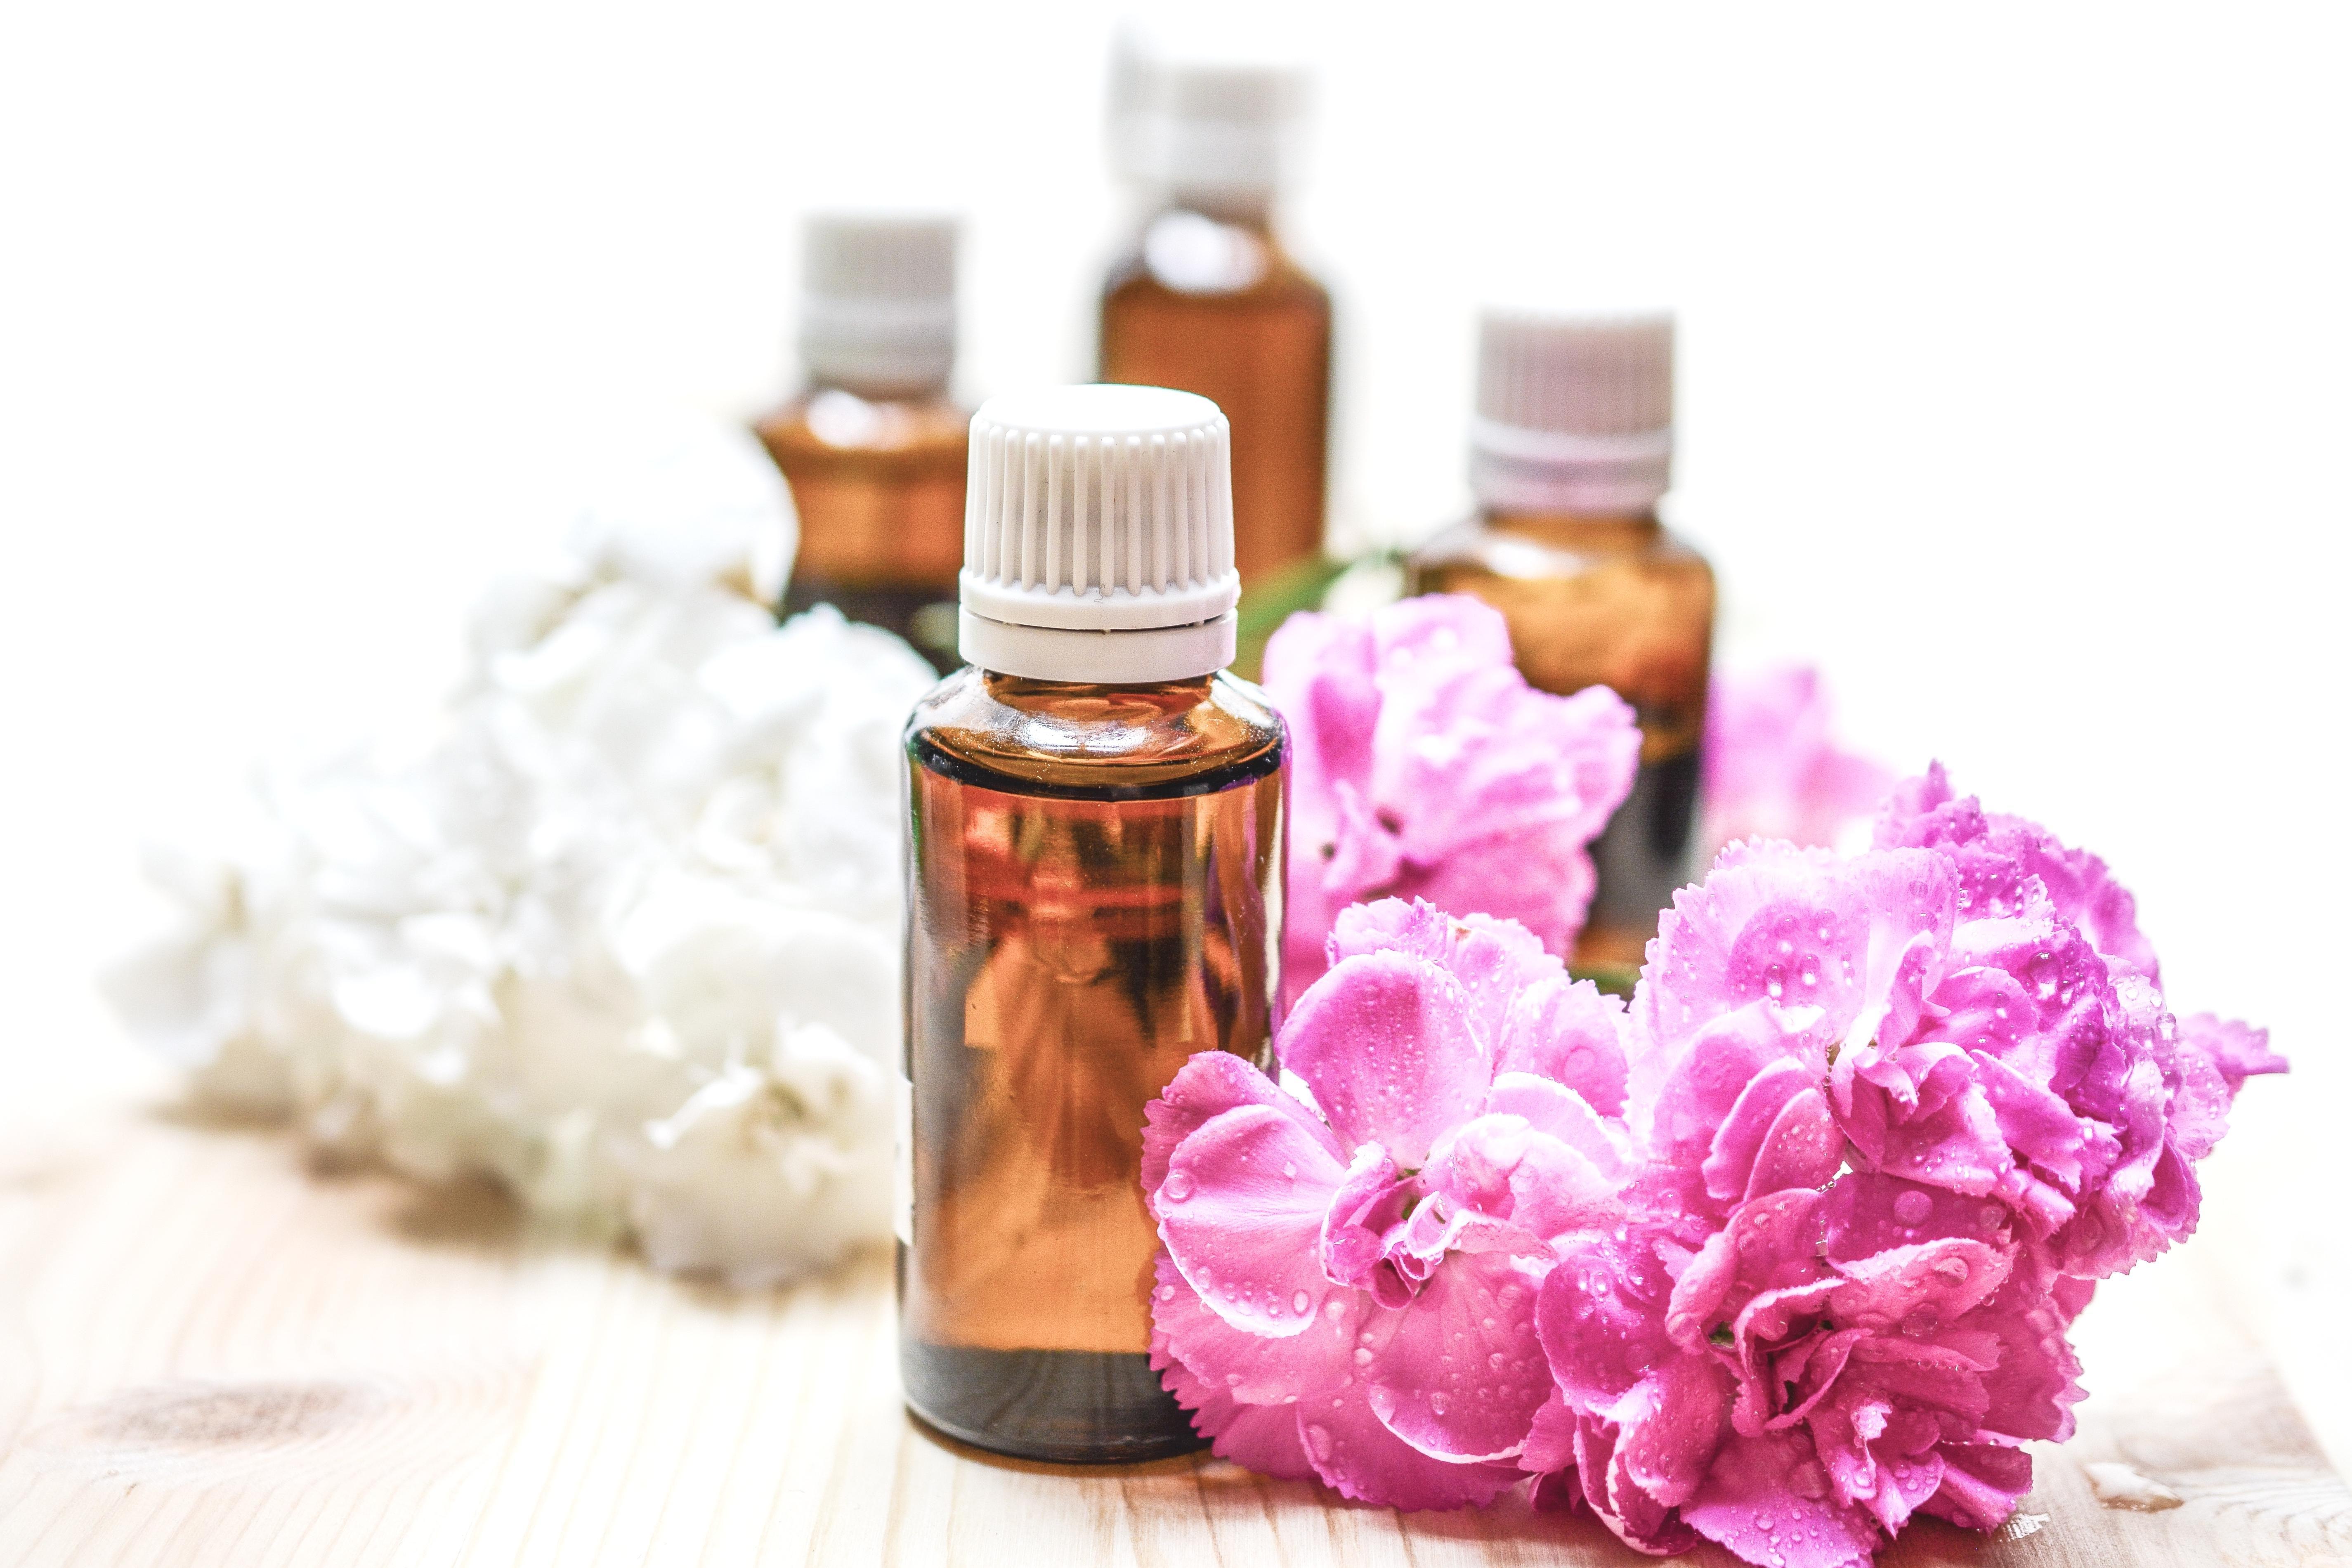 Как сделать эфирное масло в домашних условиях - Способы и рецепты 90